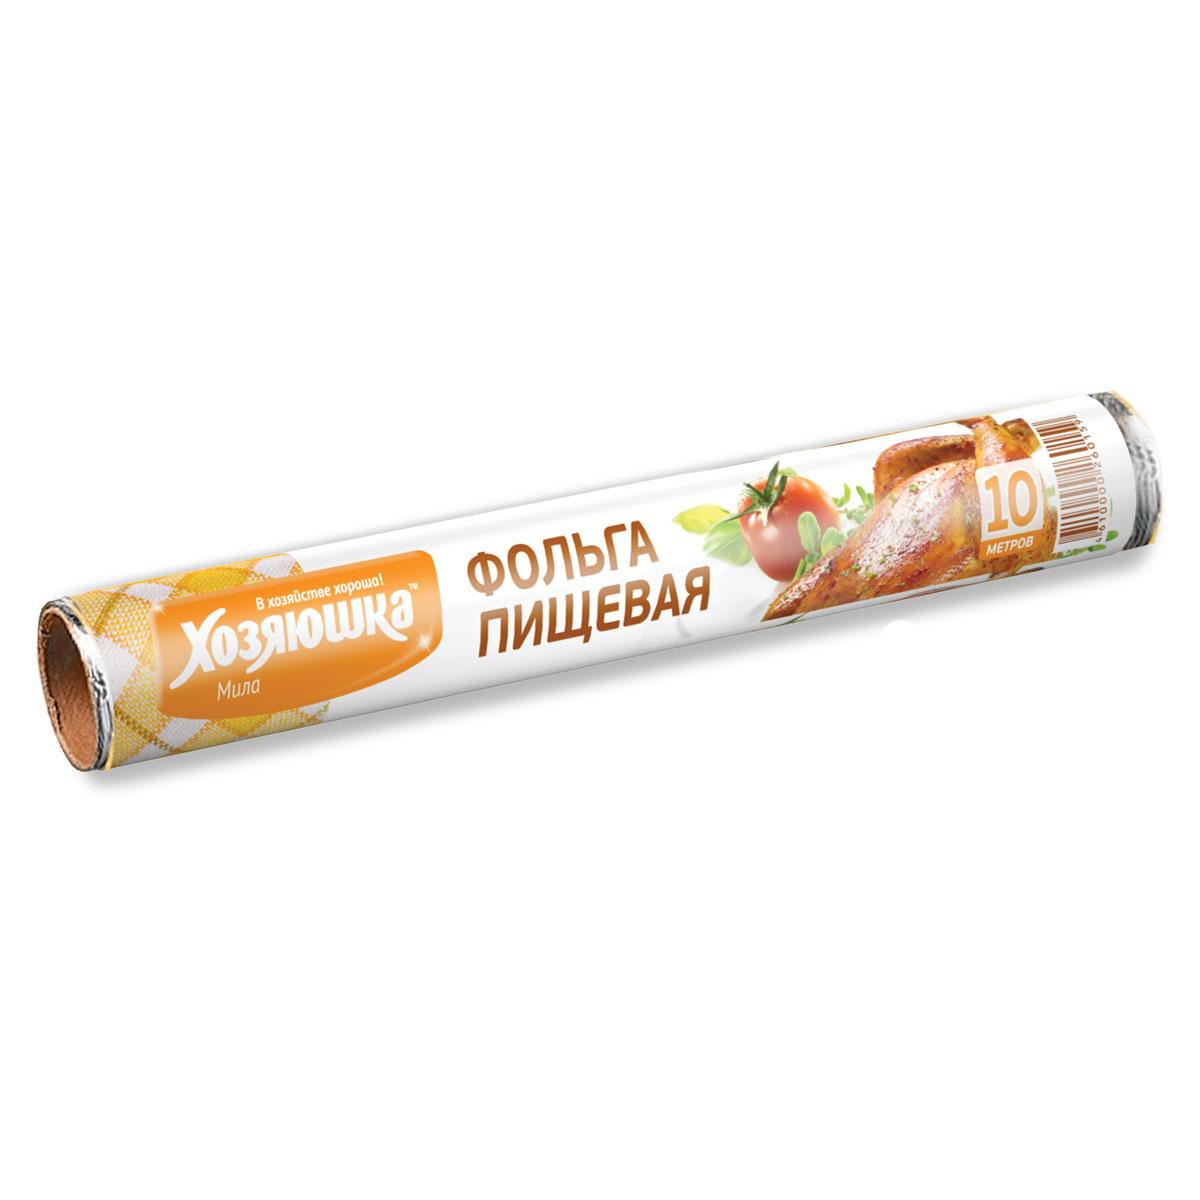 Фольга пищевая Хозяюшка Мила, длина 10 м09004-60Фольга Хозяюшка Мила, выполненная из алюминия, применяется для хранения и запекания продуктов. Прекрасно сохраняет полезные свойства продуктов, позволяет длительно хранить продукты питания. При запекании предотвращает разбрызгивание сока и жира, делает блюда сочными, аппетитными и полезными. Широкое полотно позволяет хранить и запекать крупные куски мяса и рыбы, овощей.Длина фольги: 10 м.